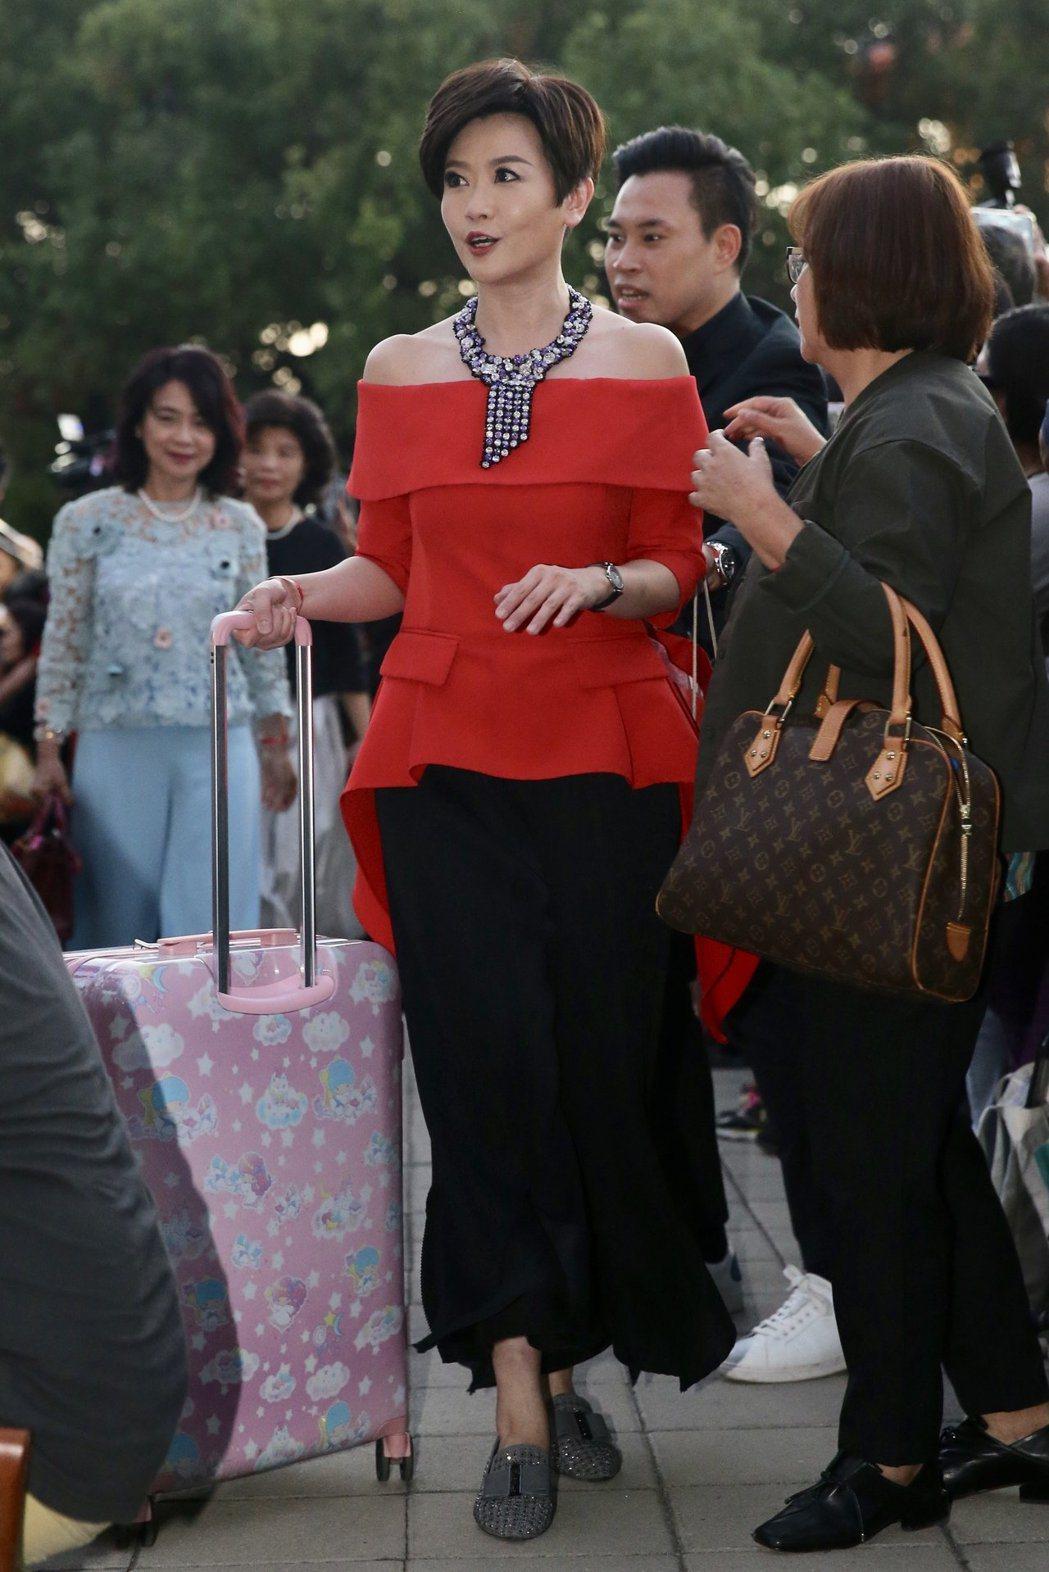 特別返台參與婚宴的寇乃馨則以紅色荷葉邊上衣搭配黑色寬褲現身,並配戴藍、紫色系的項...